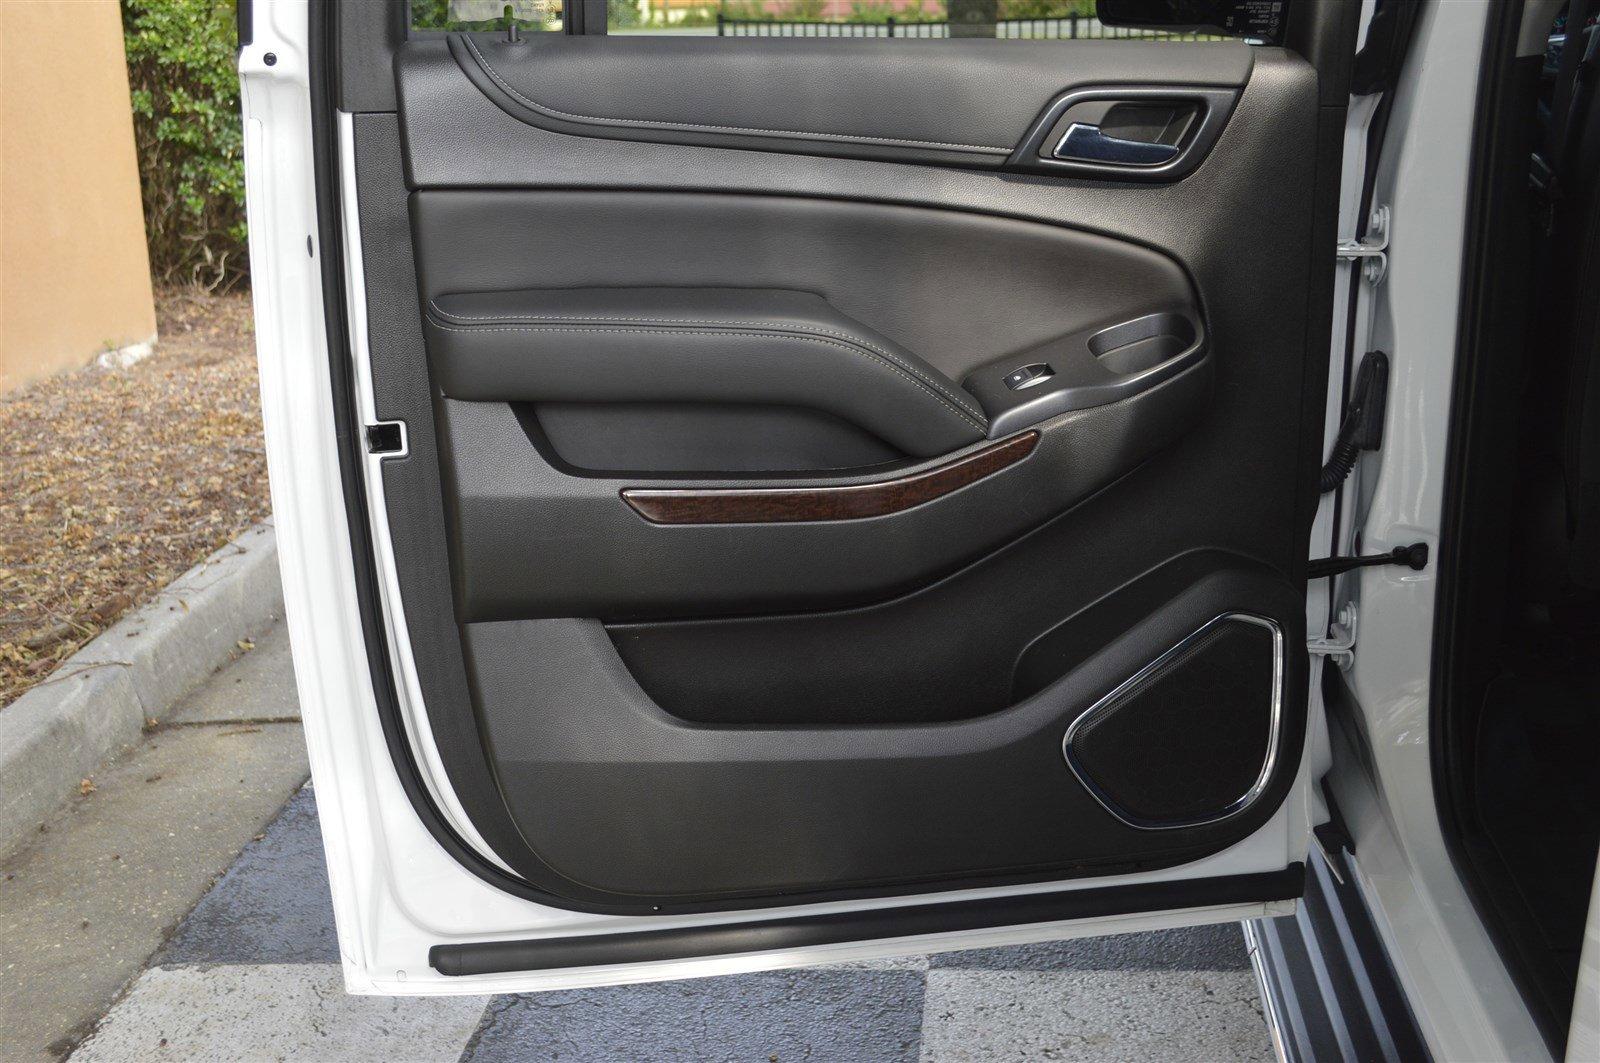 Pre-Owned 2018 GMC Yukon XL SLT